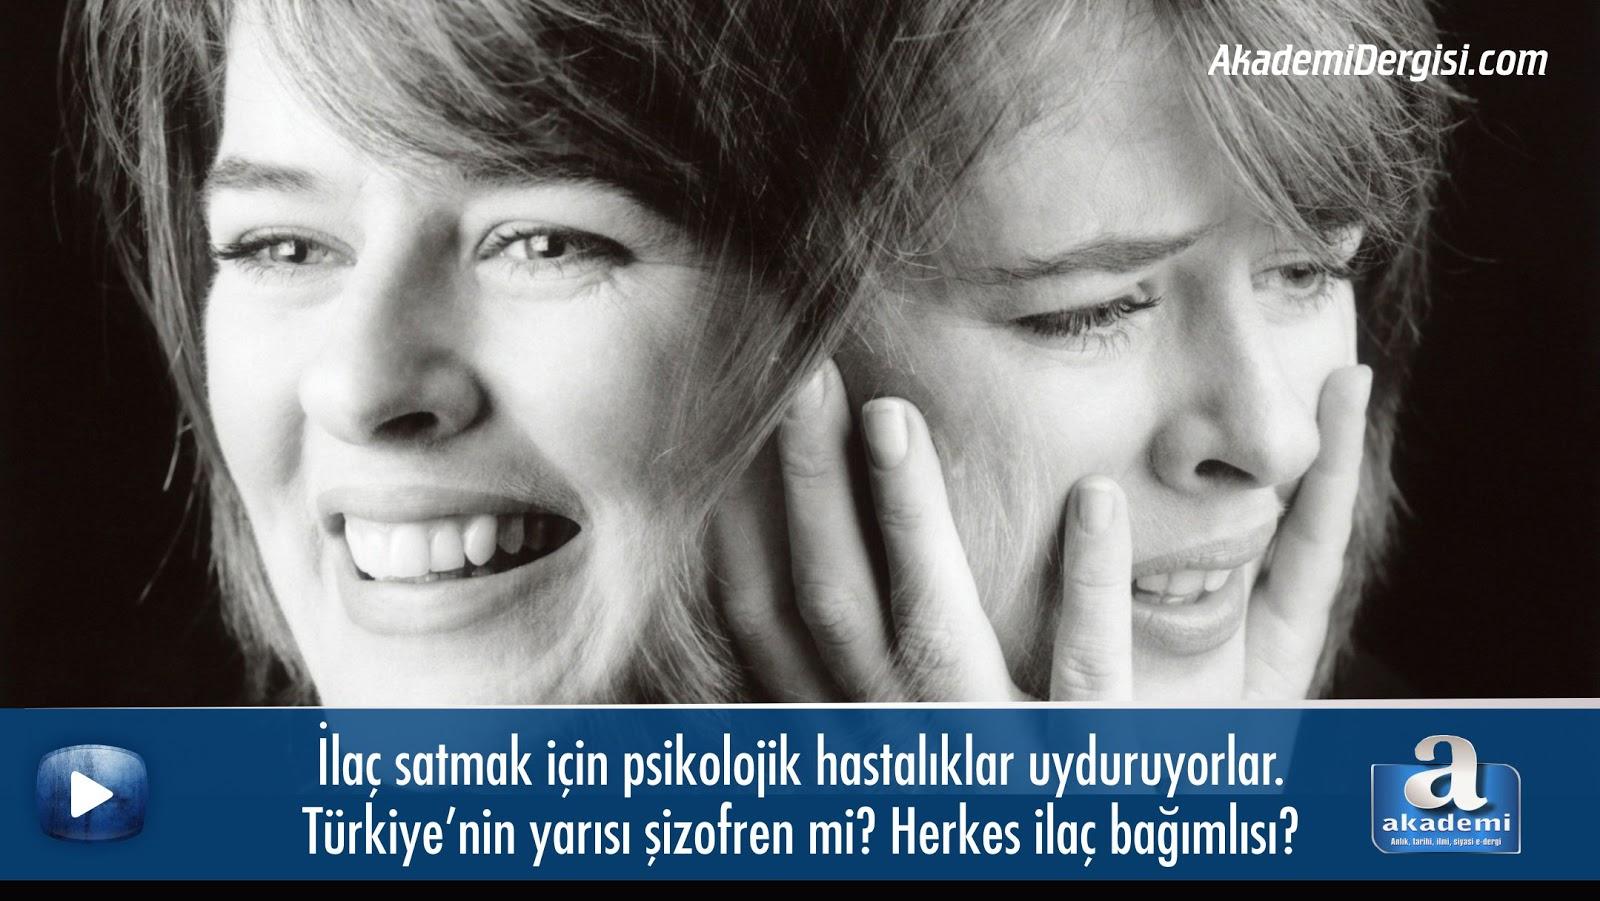 İlaç satmak için psikolojik hastalıklar uyduruyorlar. Türkiye'nin yarısı şizofren mi?